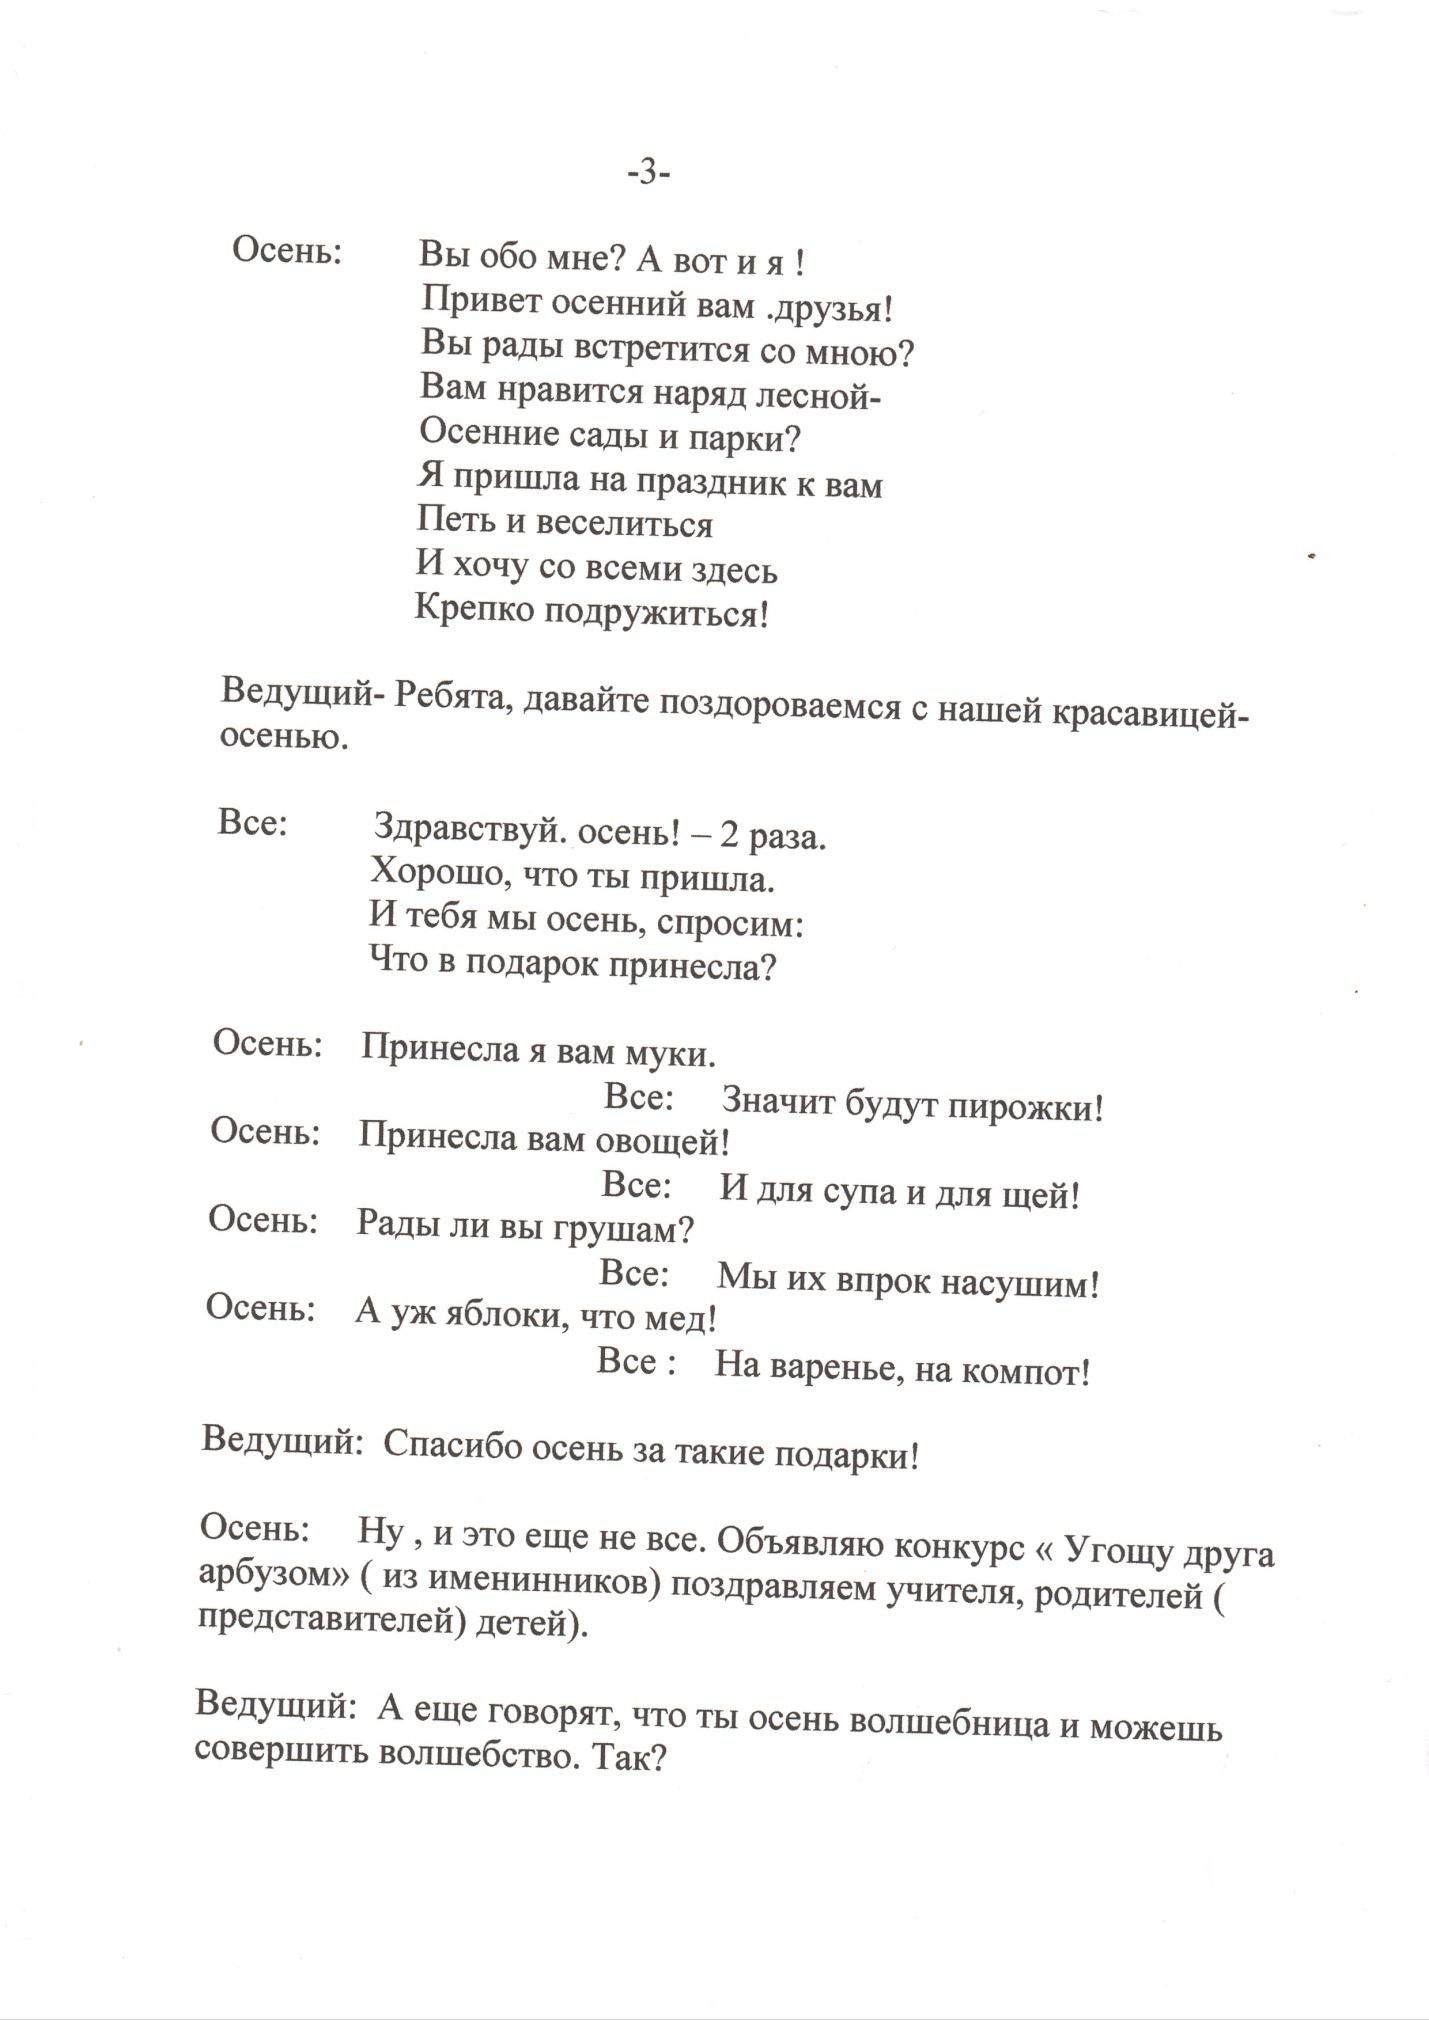 D:\Фото\ОСЕНЬ ПРАЗДНИК\Новая папка\020003.JPG